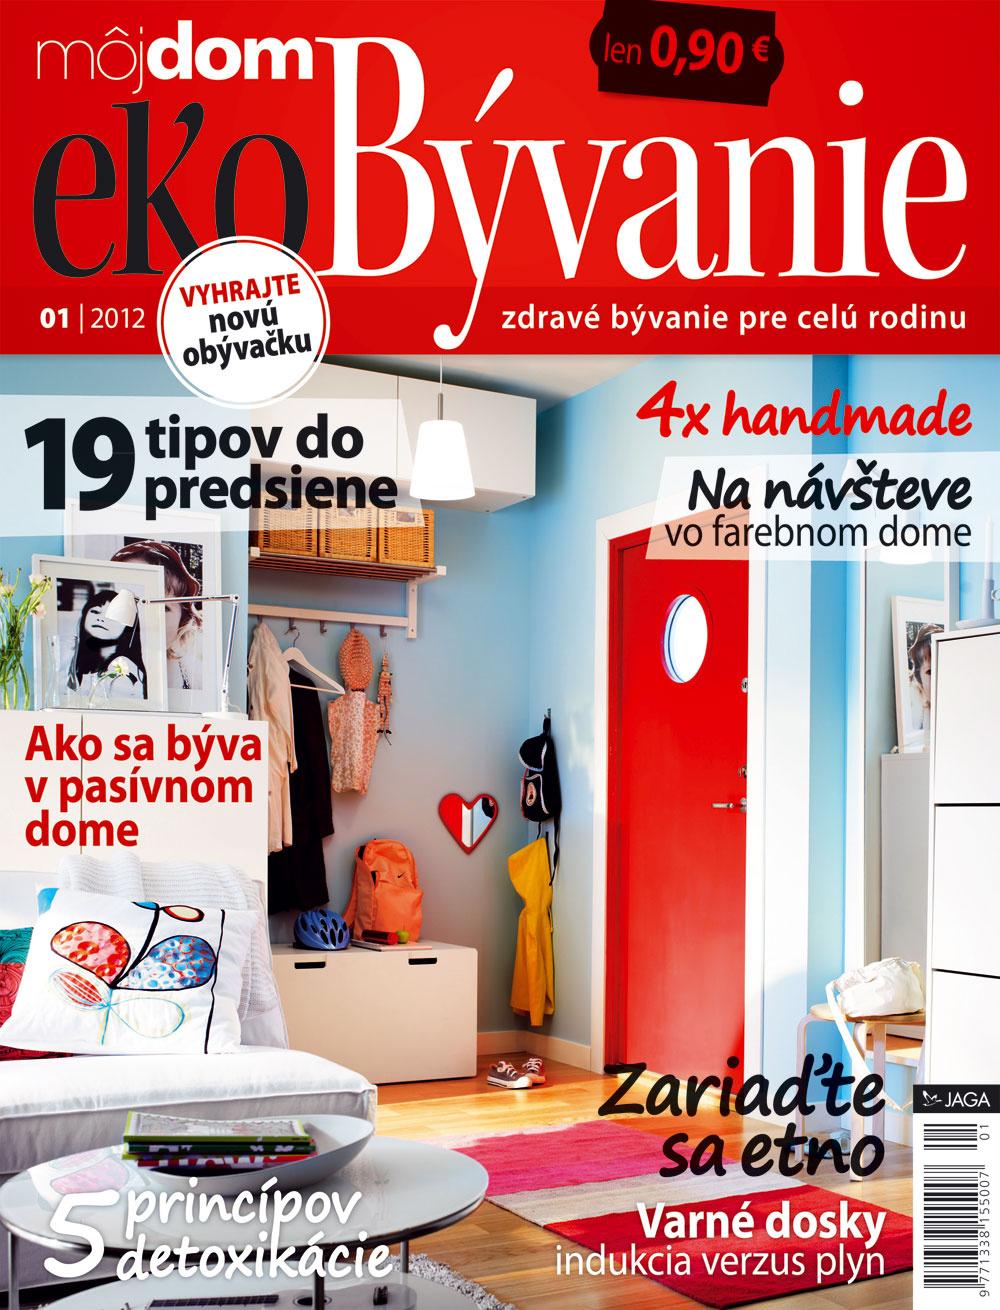 Nové číslo časopisu Môj dom ekoBývanie 01/2012 už v predaji